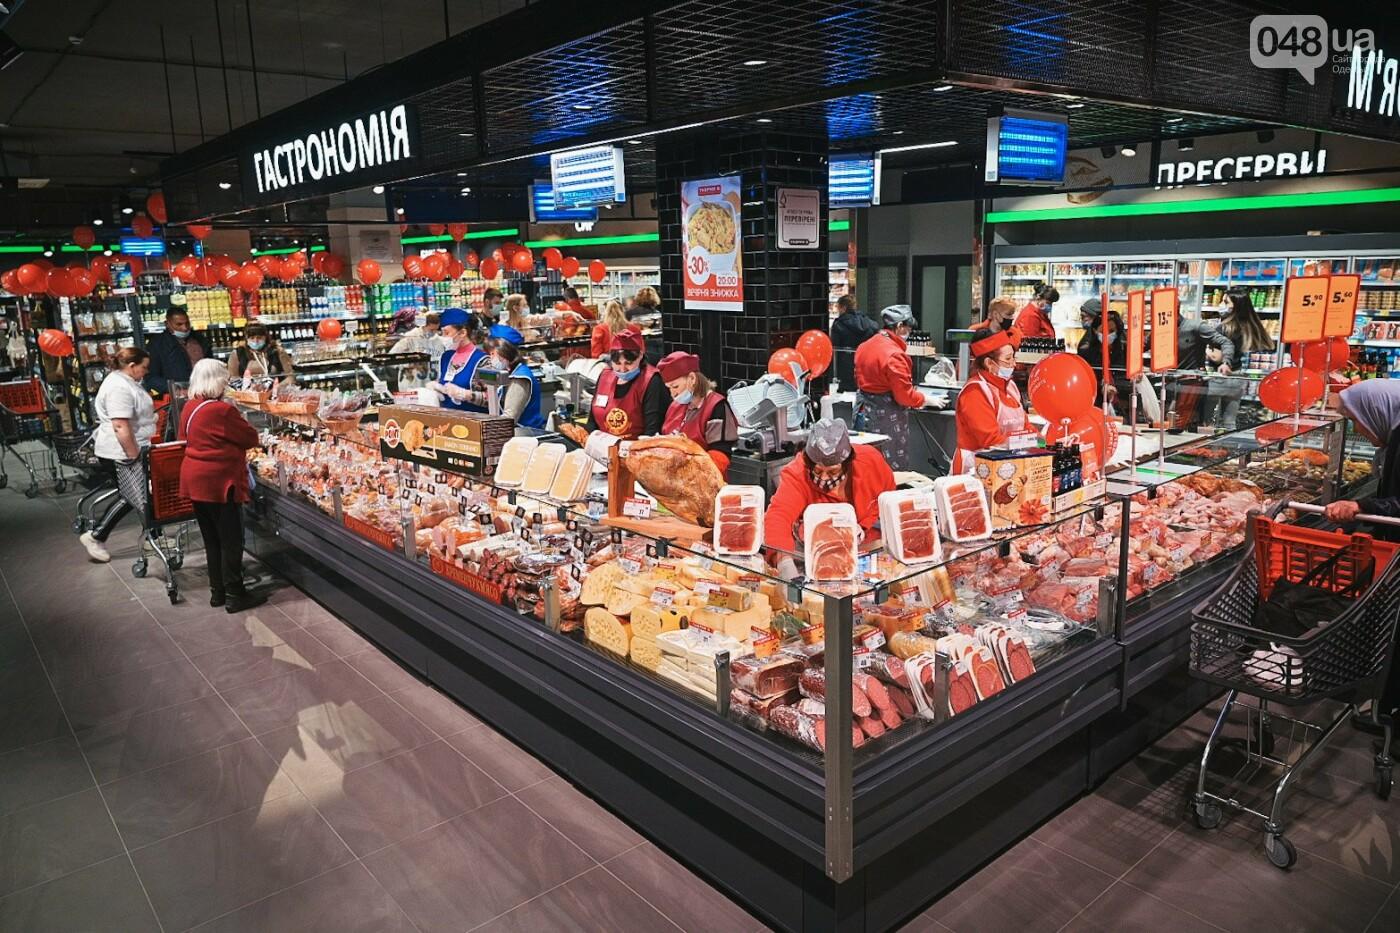 Напередодні великодніх і травневих свят компанія «Таврия В» відкриває одночасно два магазина в Одесі, фото-4